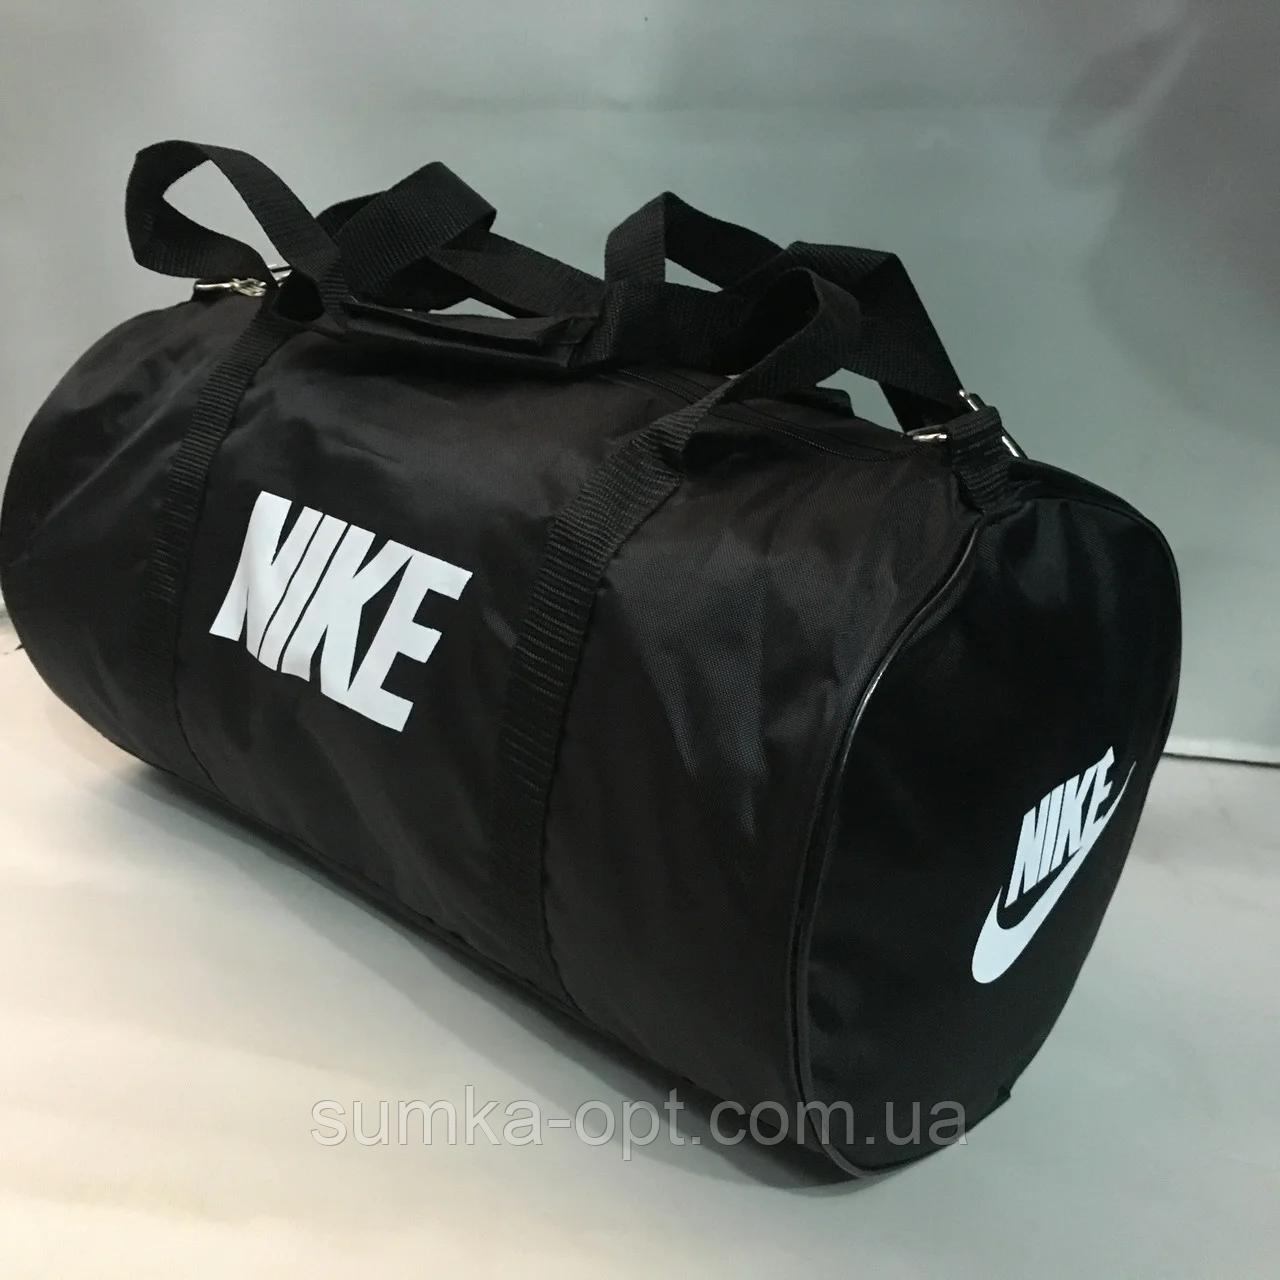 Дорожные спортивные сумки Nike из плащевки (В ЧЕРНОМ)24*47см